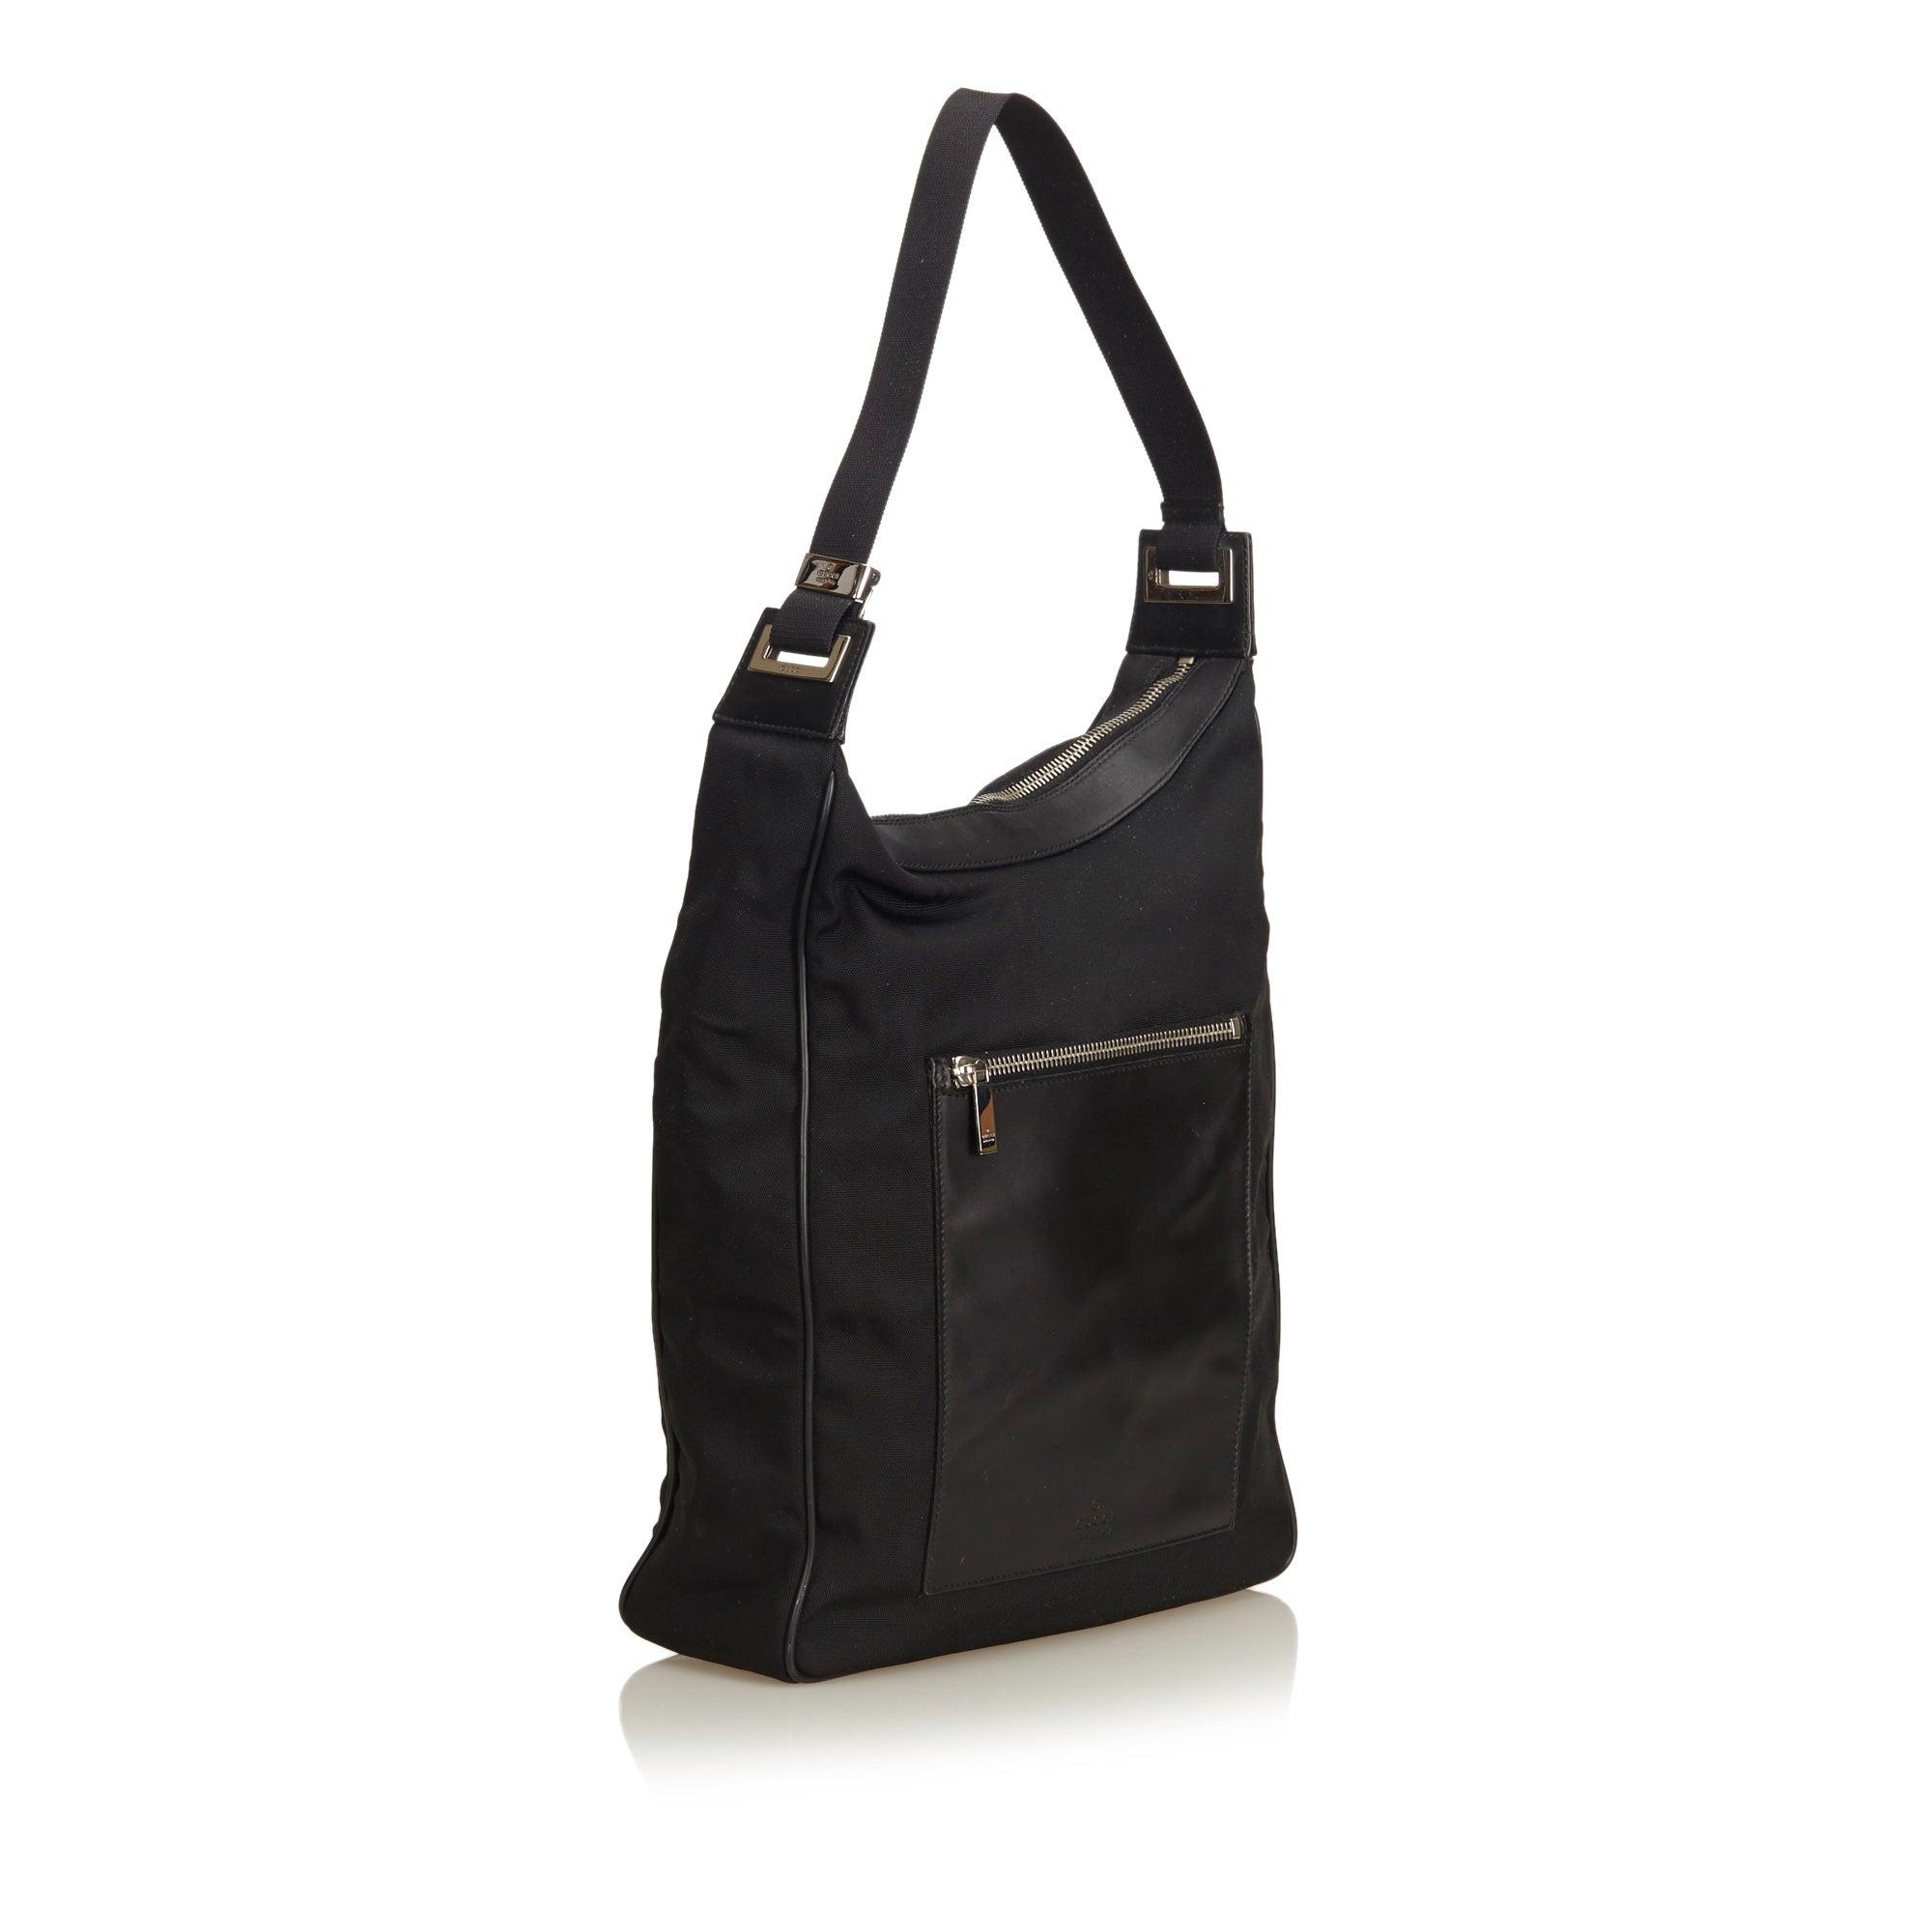 098d27982d08 Gucci Black Nylon Shoulder Bag at 1stdibs